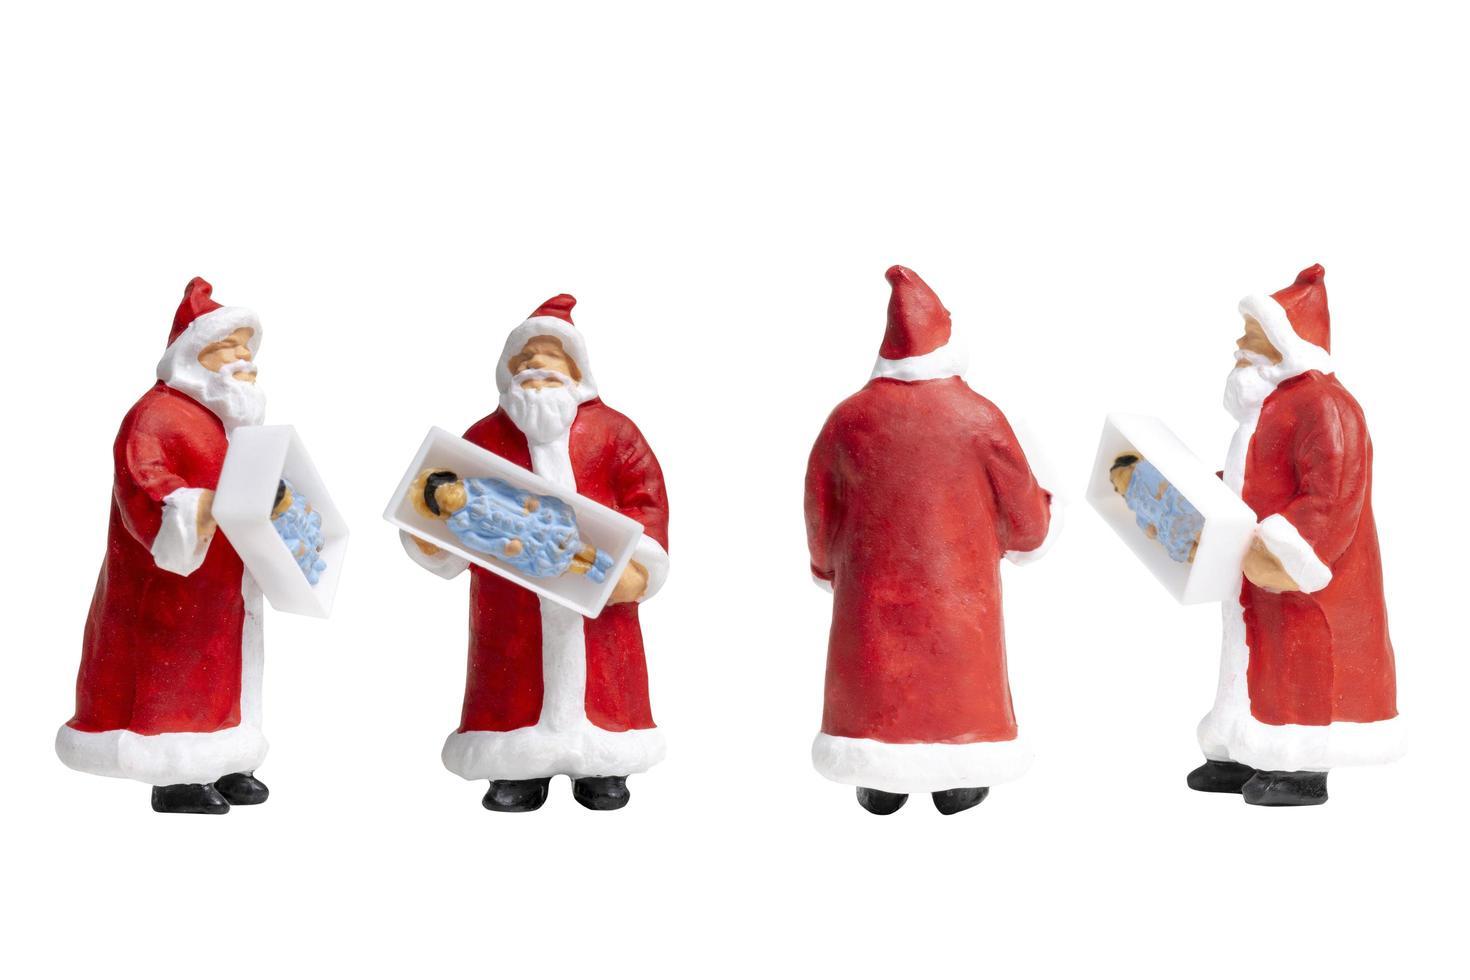 miniatuur kerstman met een geschenkdoos geïsoleerd op een witte achtergrond foto